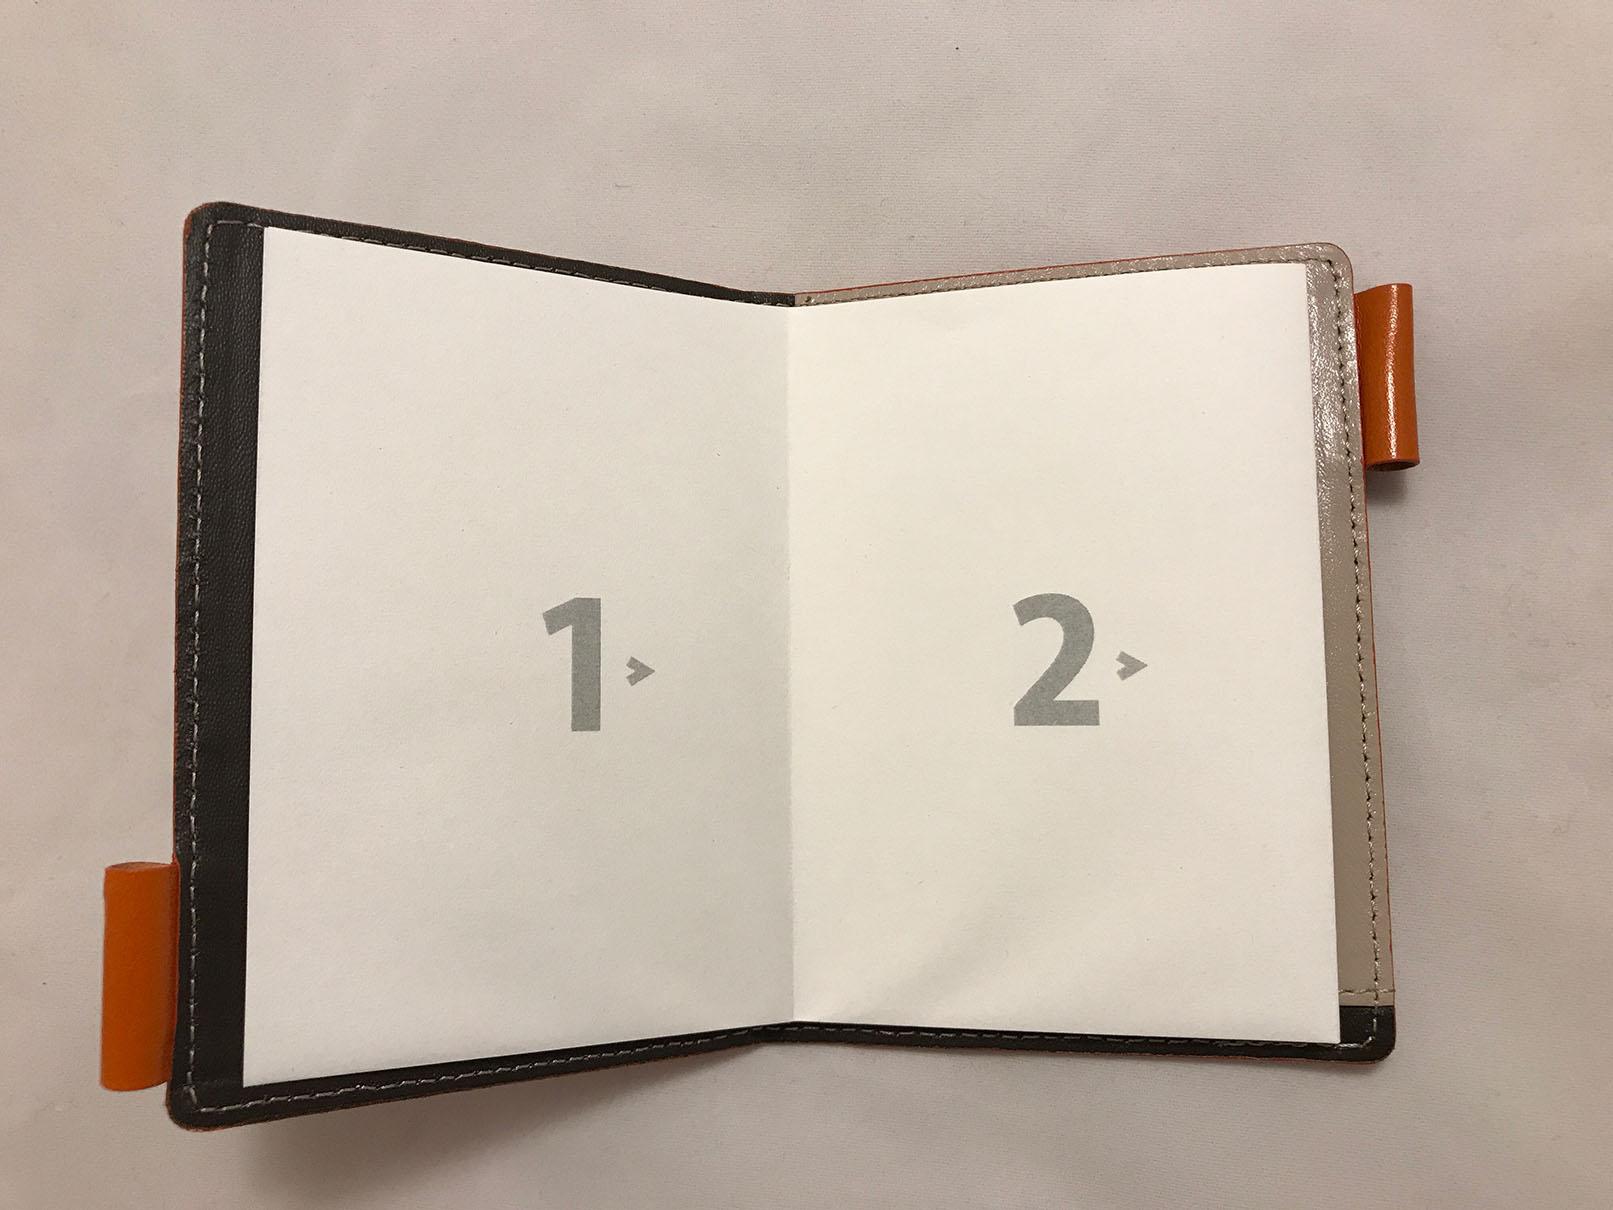 薄いメモ帳の画像